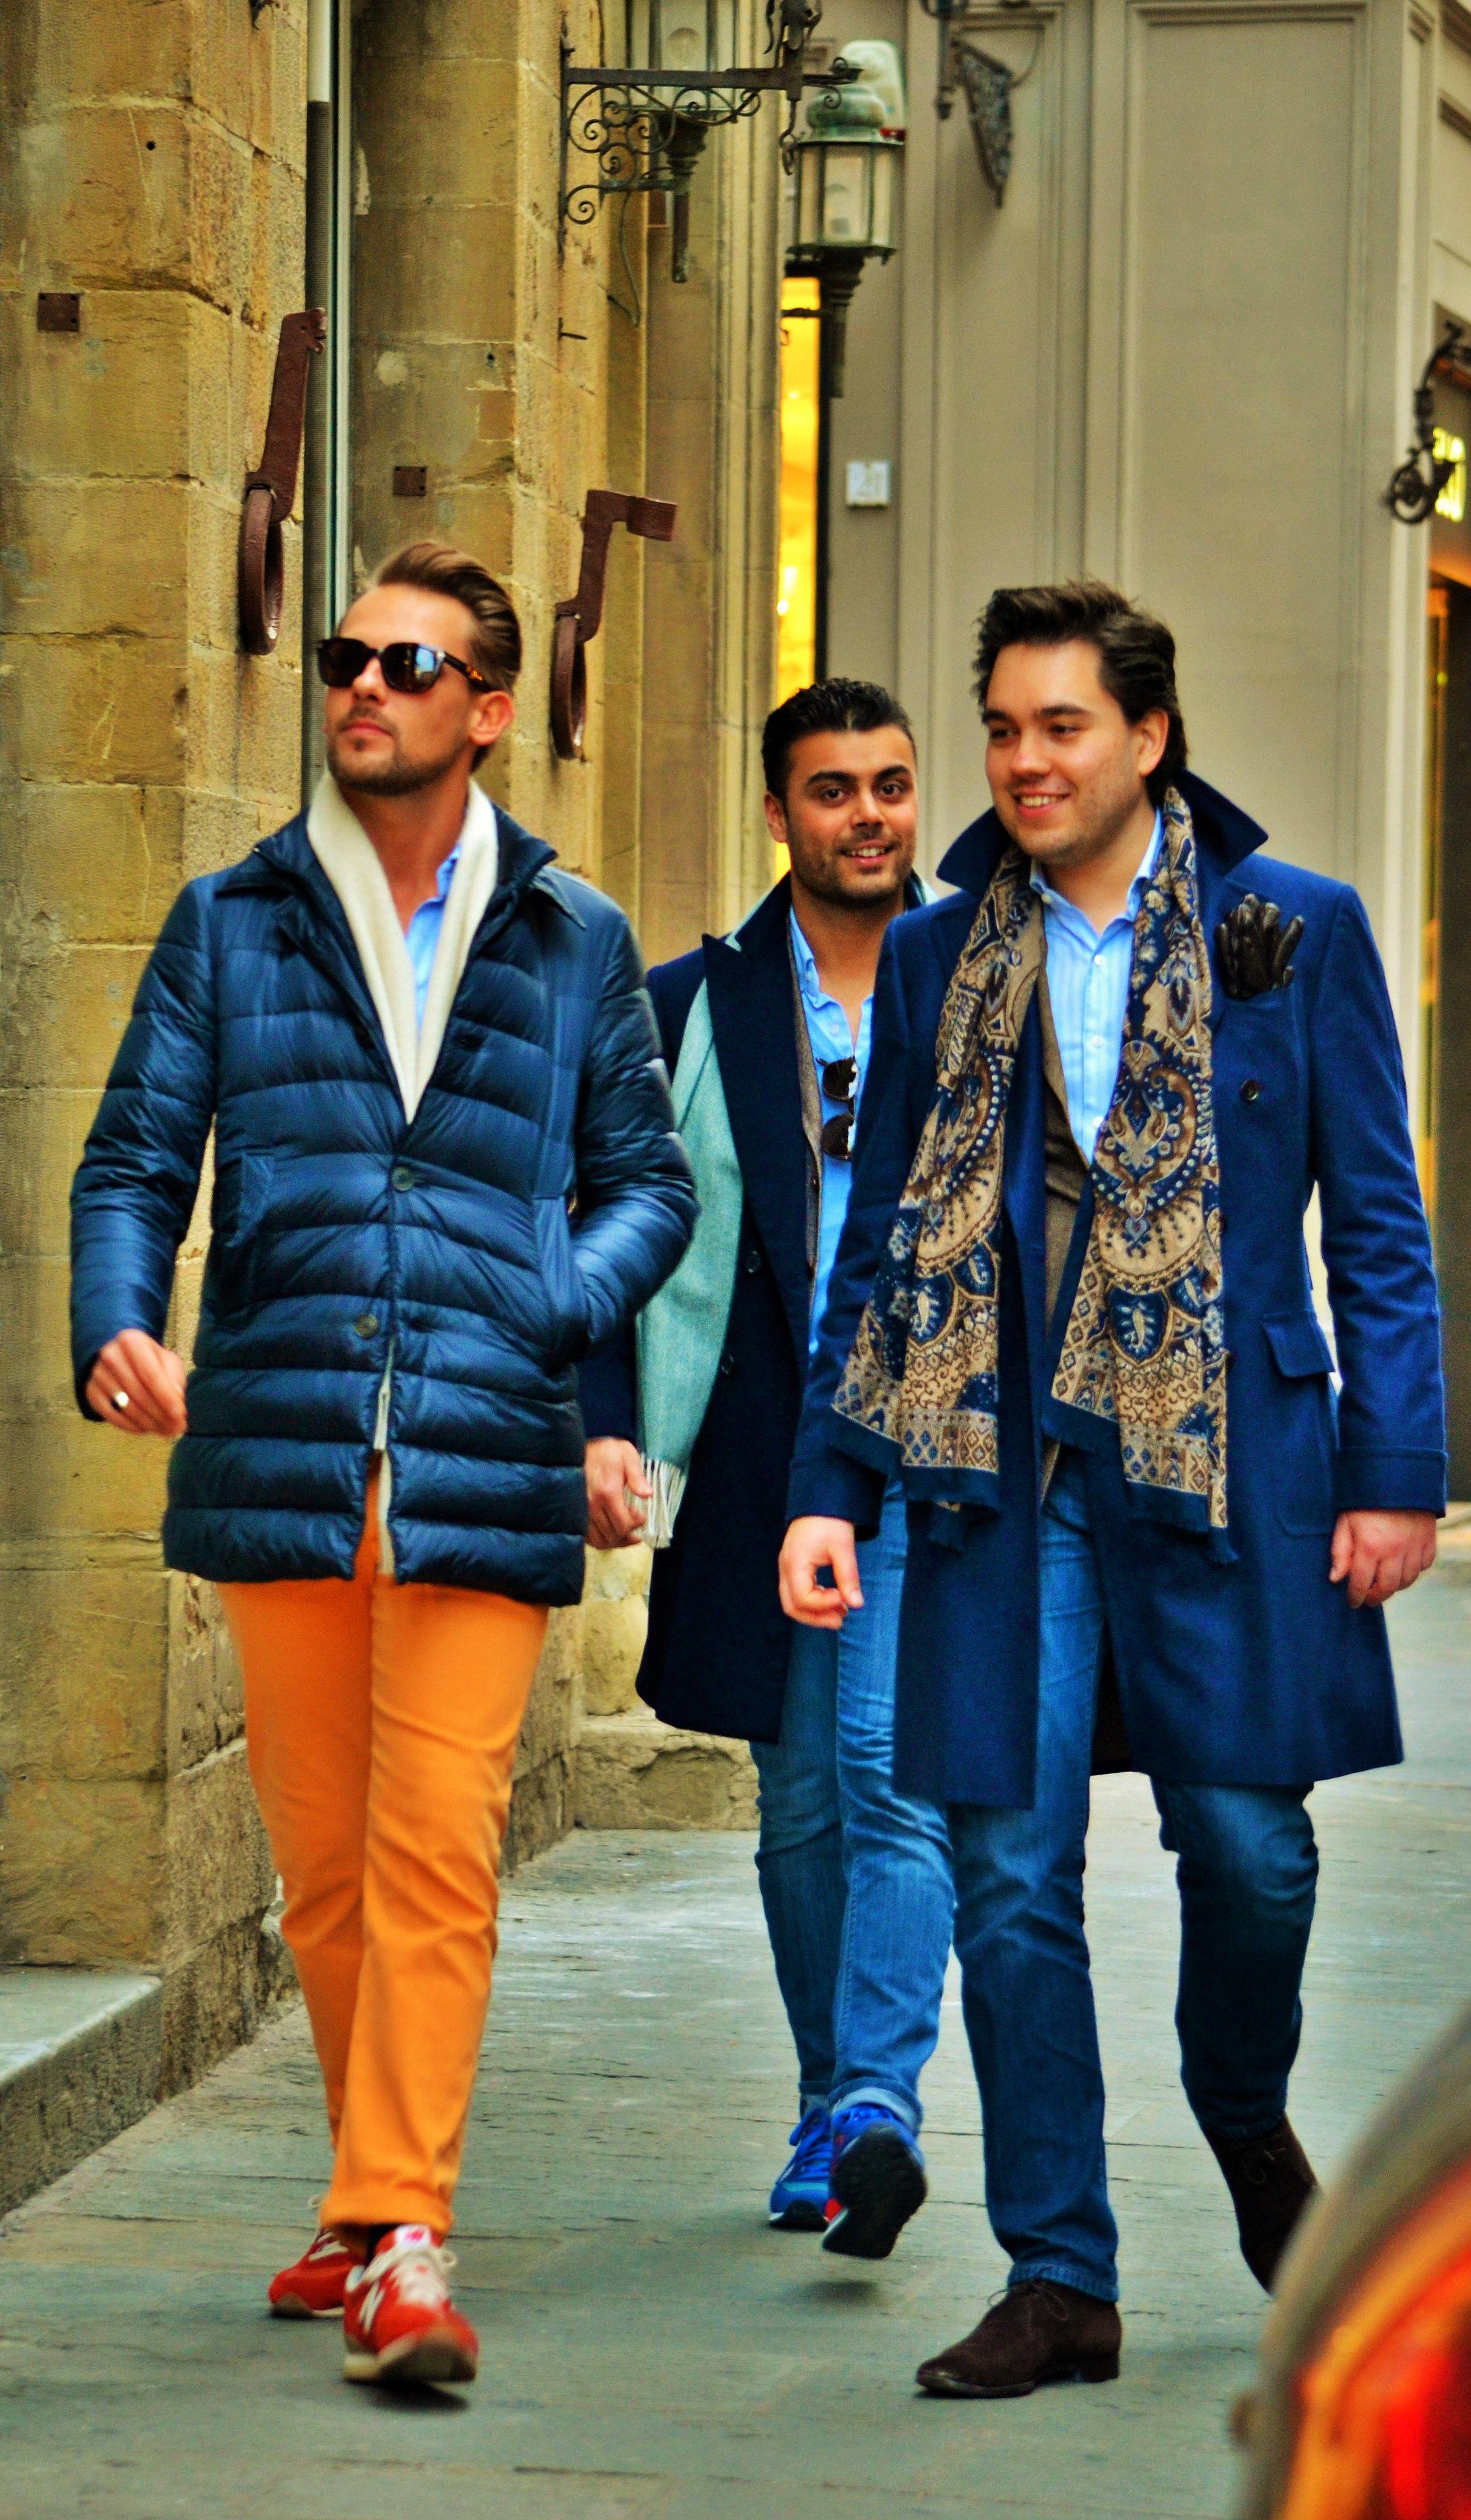 Rezultat iskanja slik za italian men style casual ...